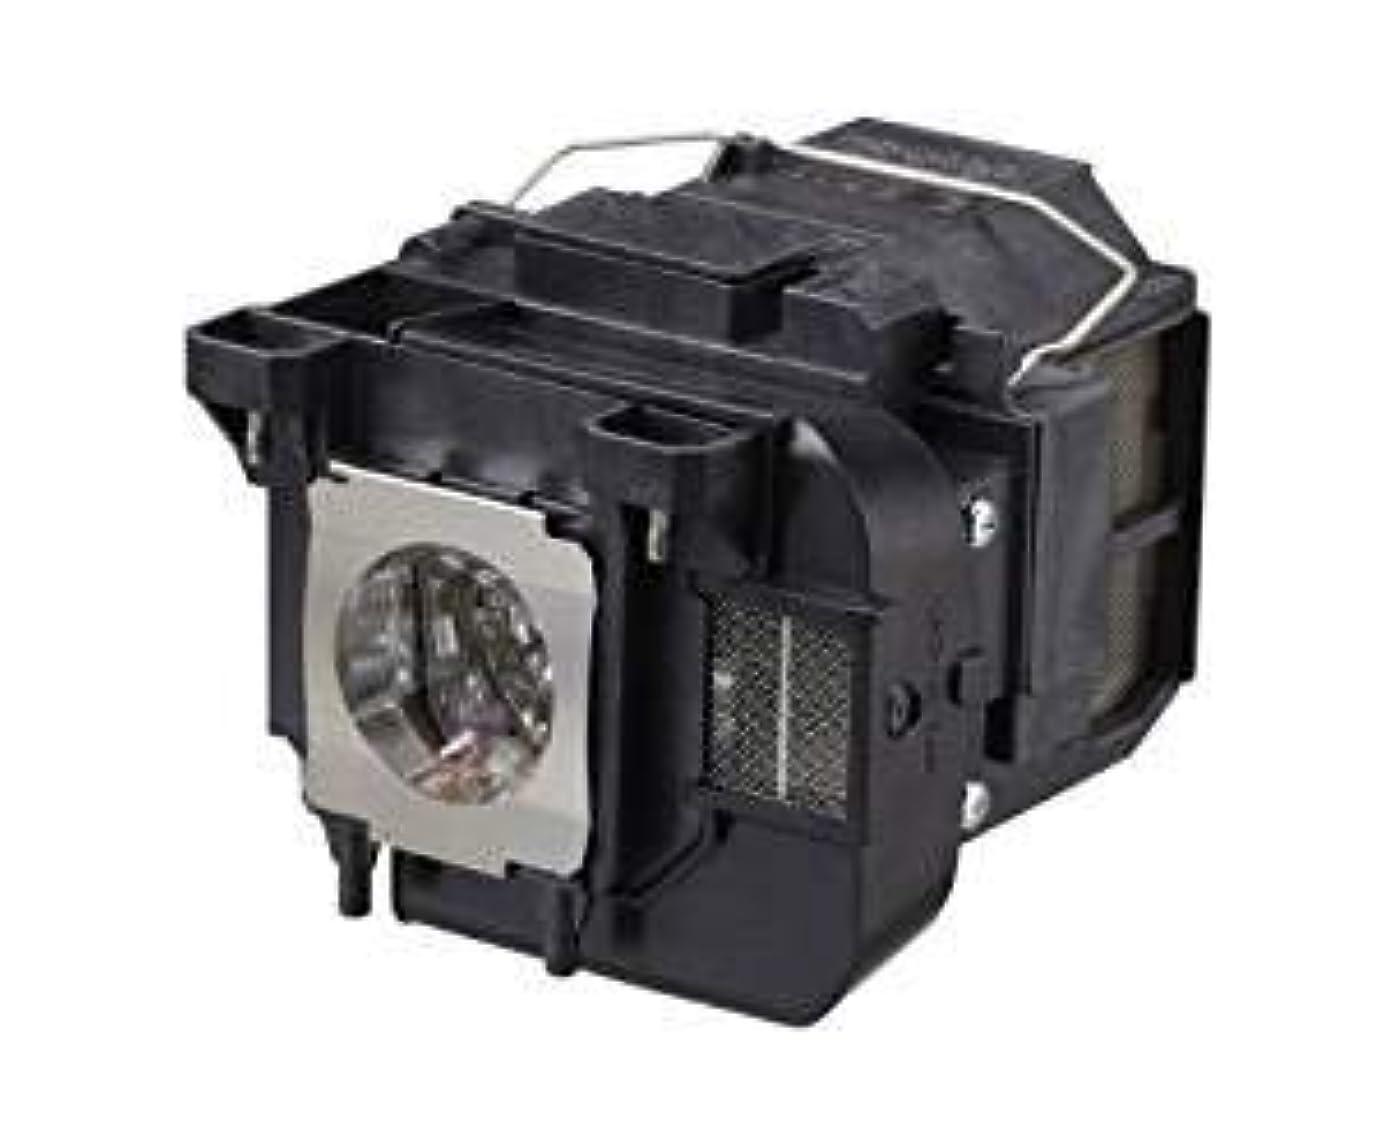 タオルキャビン透けるRich Lighting プロジェクター ランプ ELPLP77 エプソン EB-4650 EB-4750W EB-4950WU 交換用【180日保証】